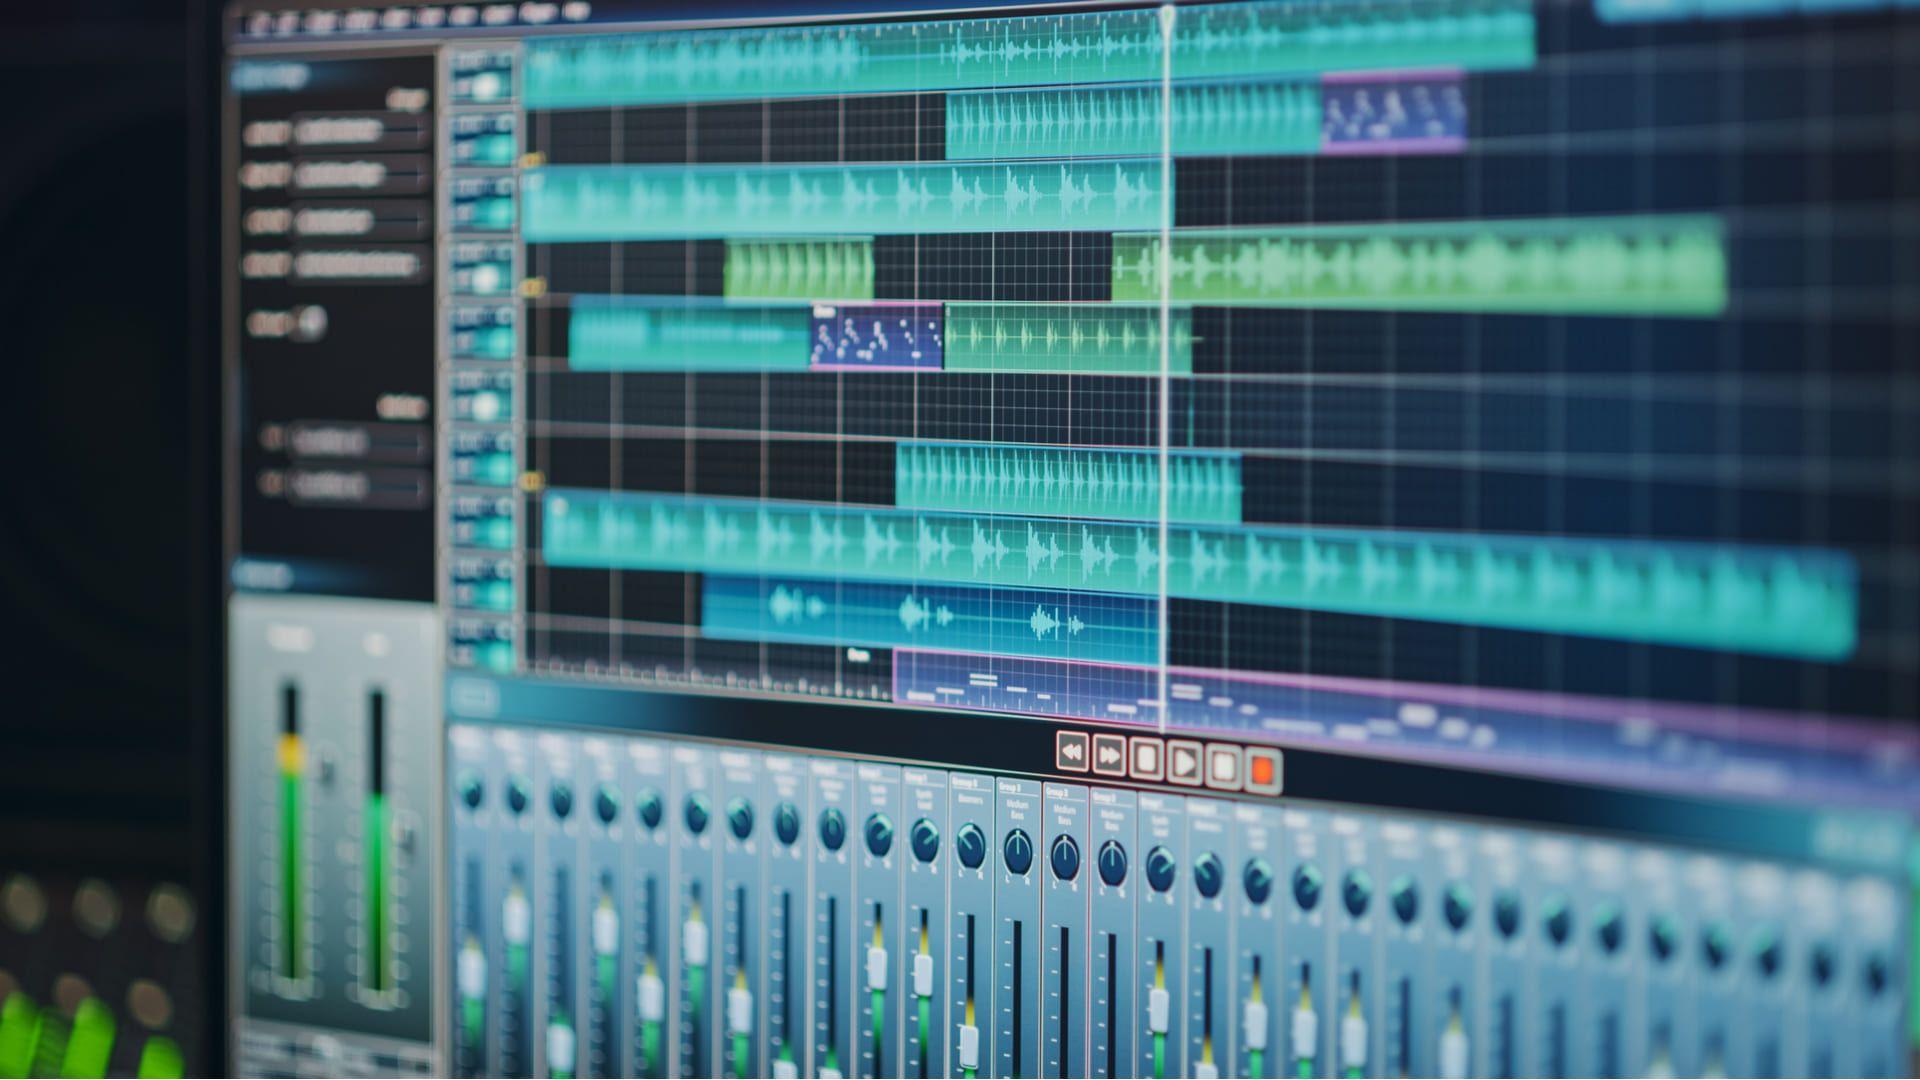 Renderizar áudio é semelhante ao processo usado para projetos de vídeos (Fonte: Shutterstock)